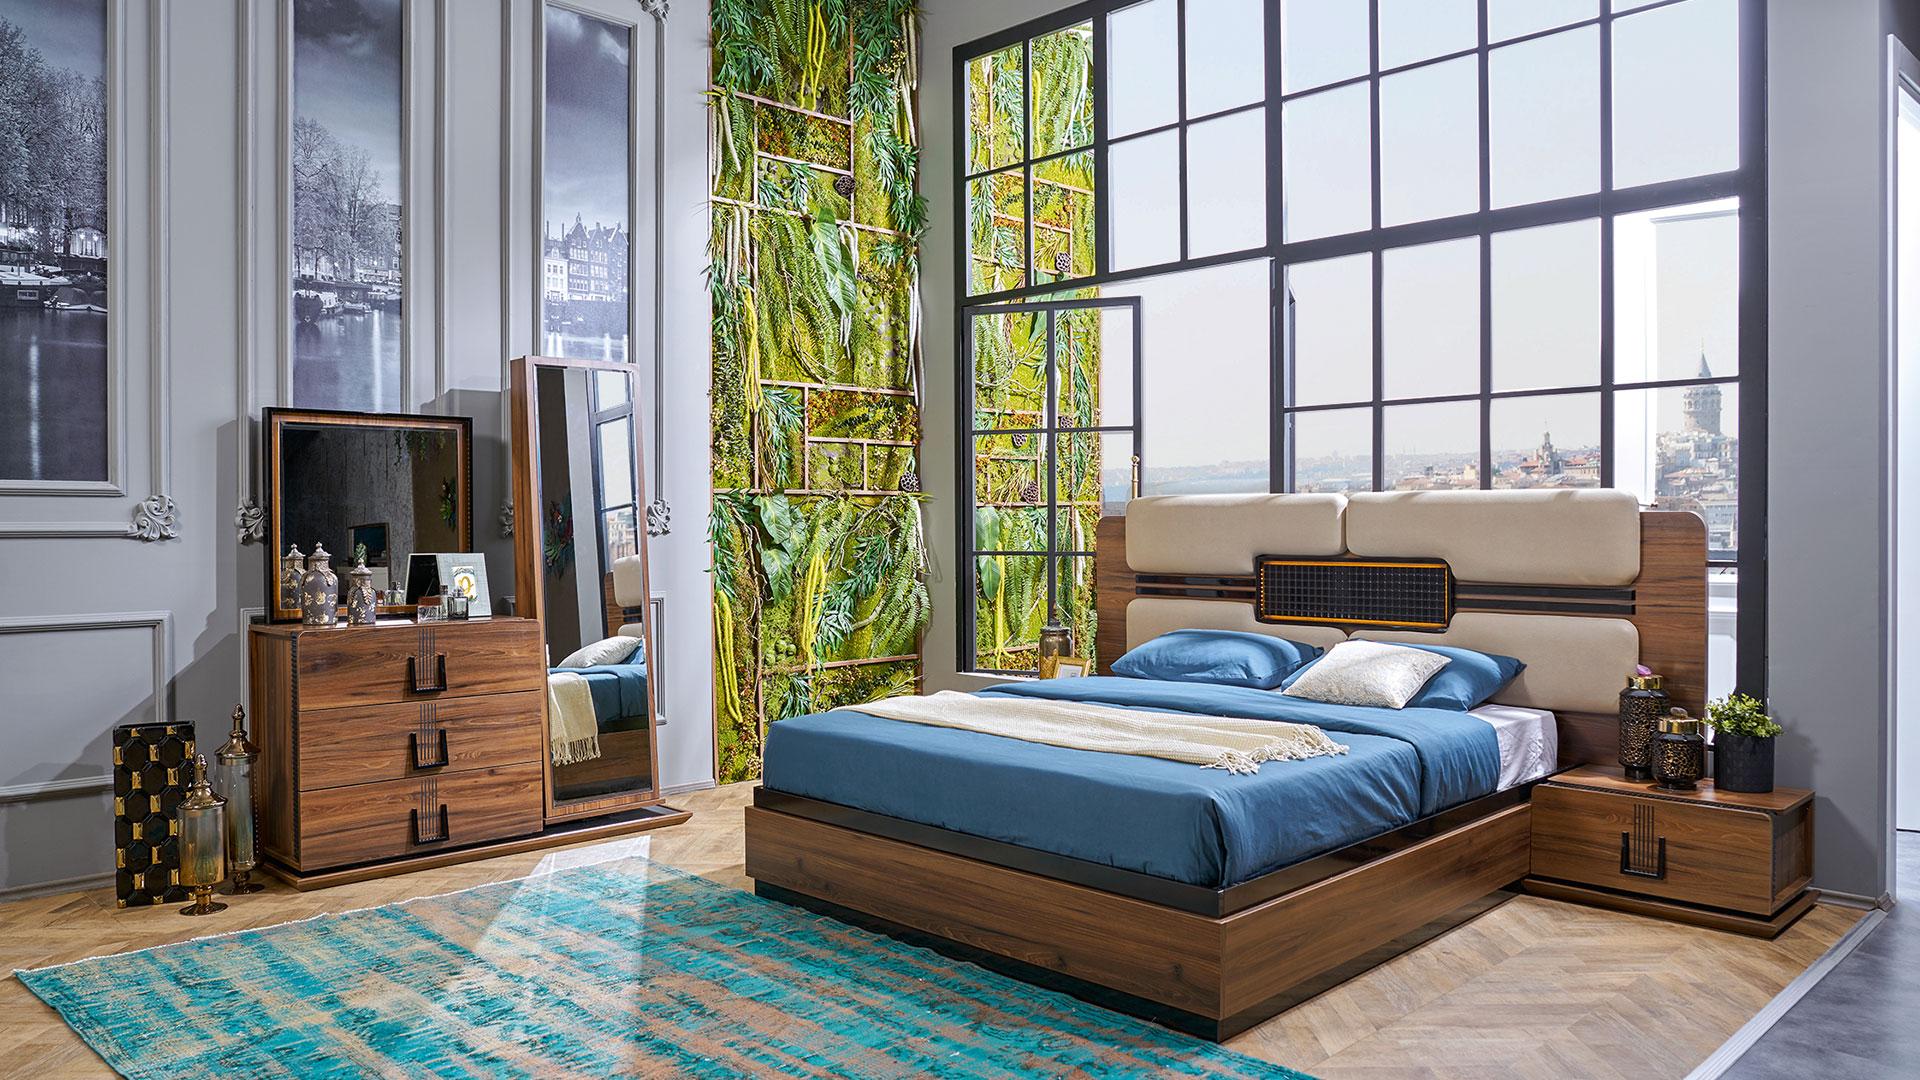 غرفة نوم مودرن باللون الازرق و البني و سرير و تسريحه